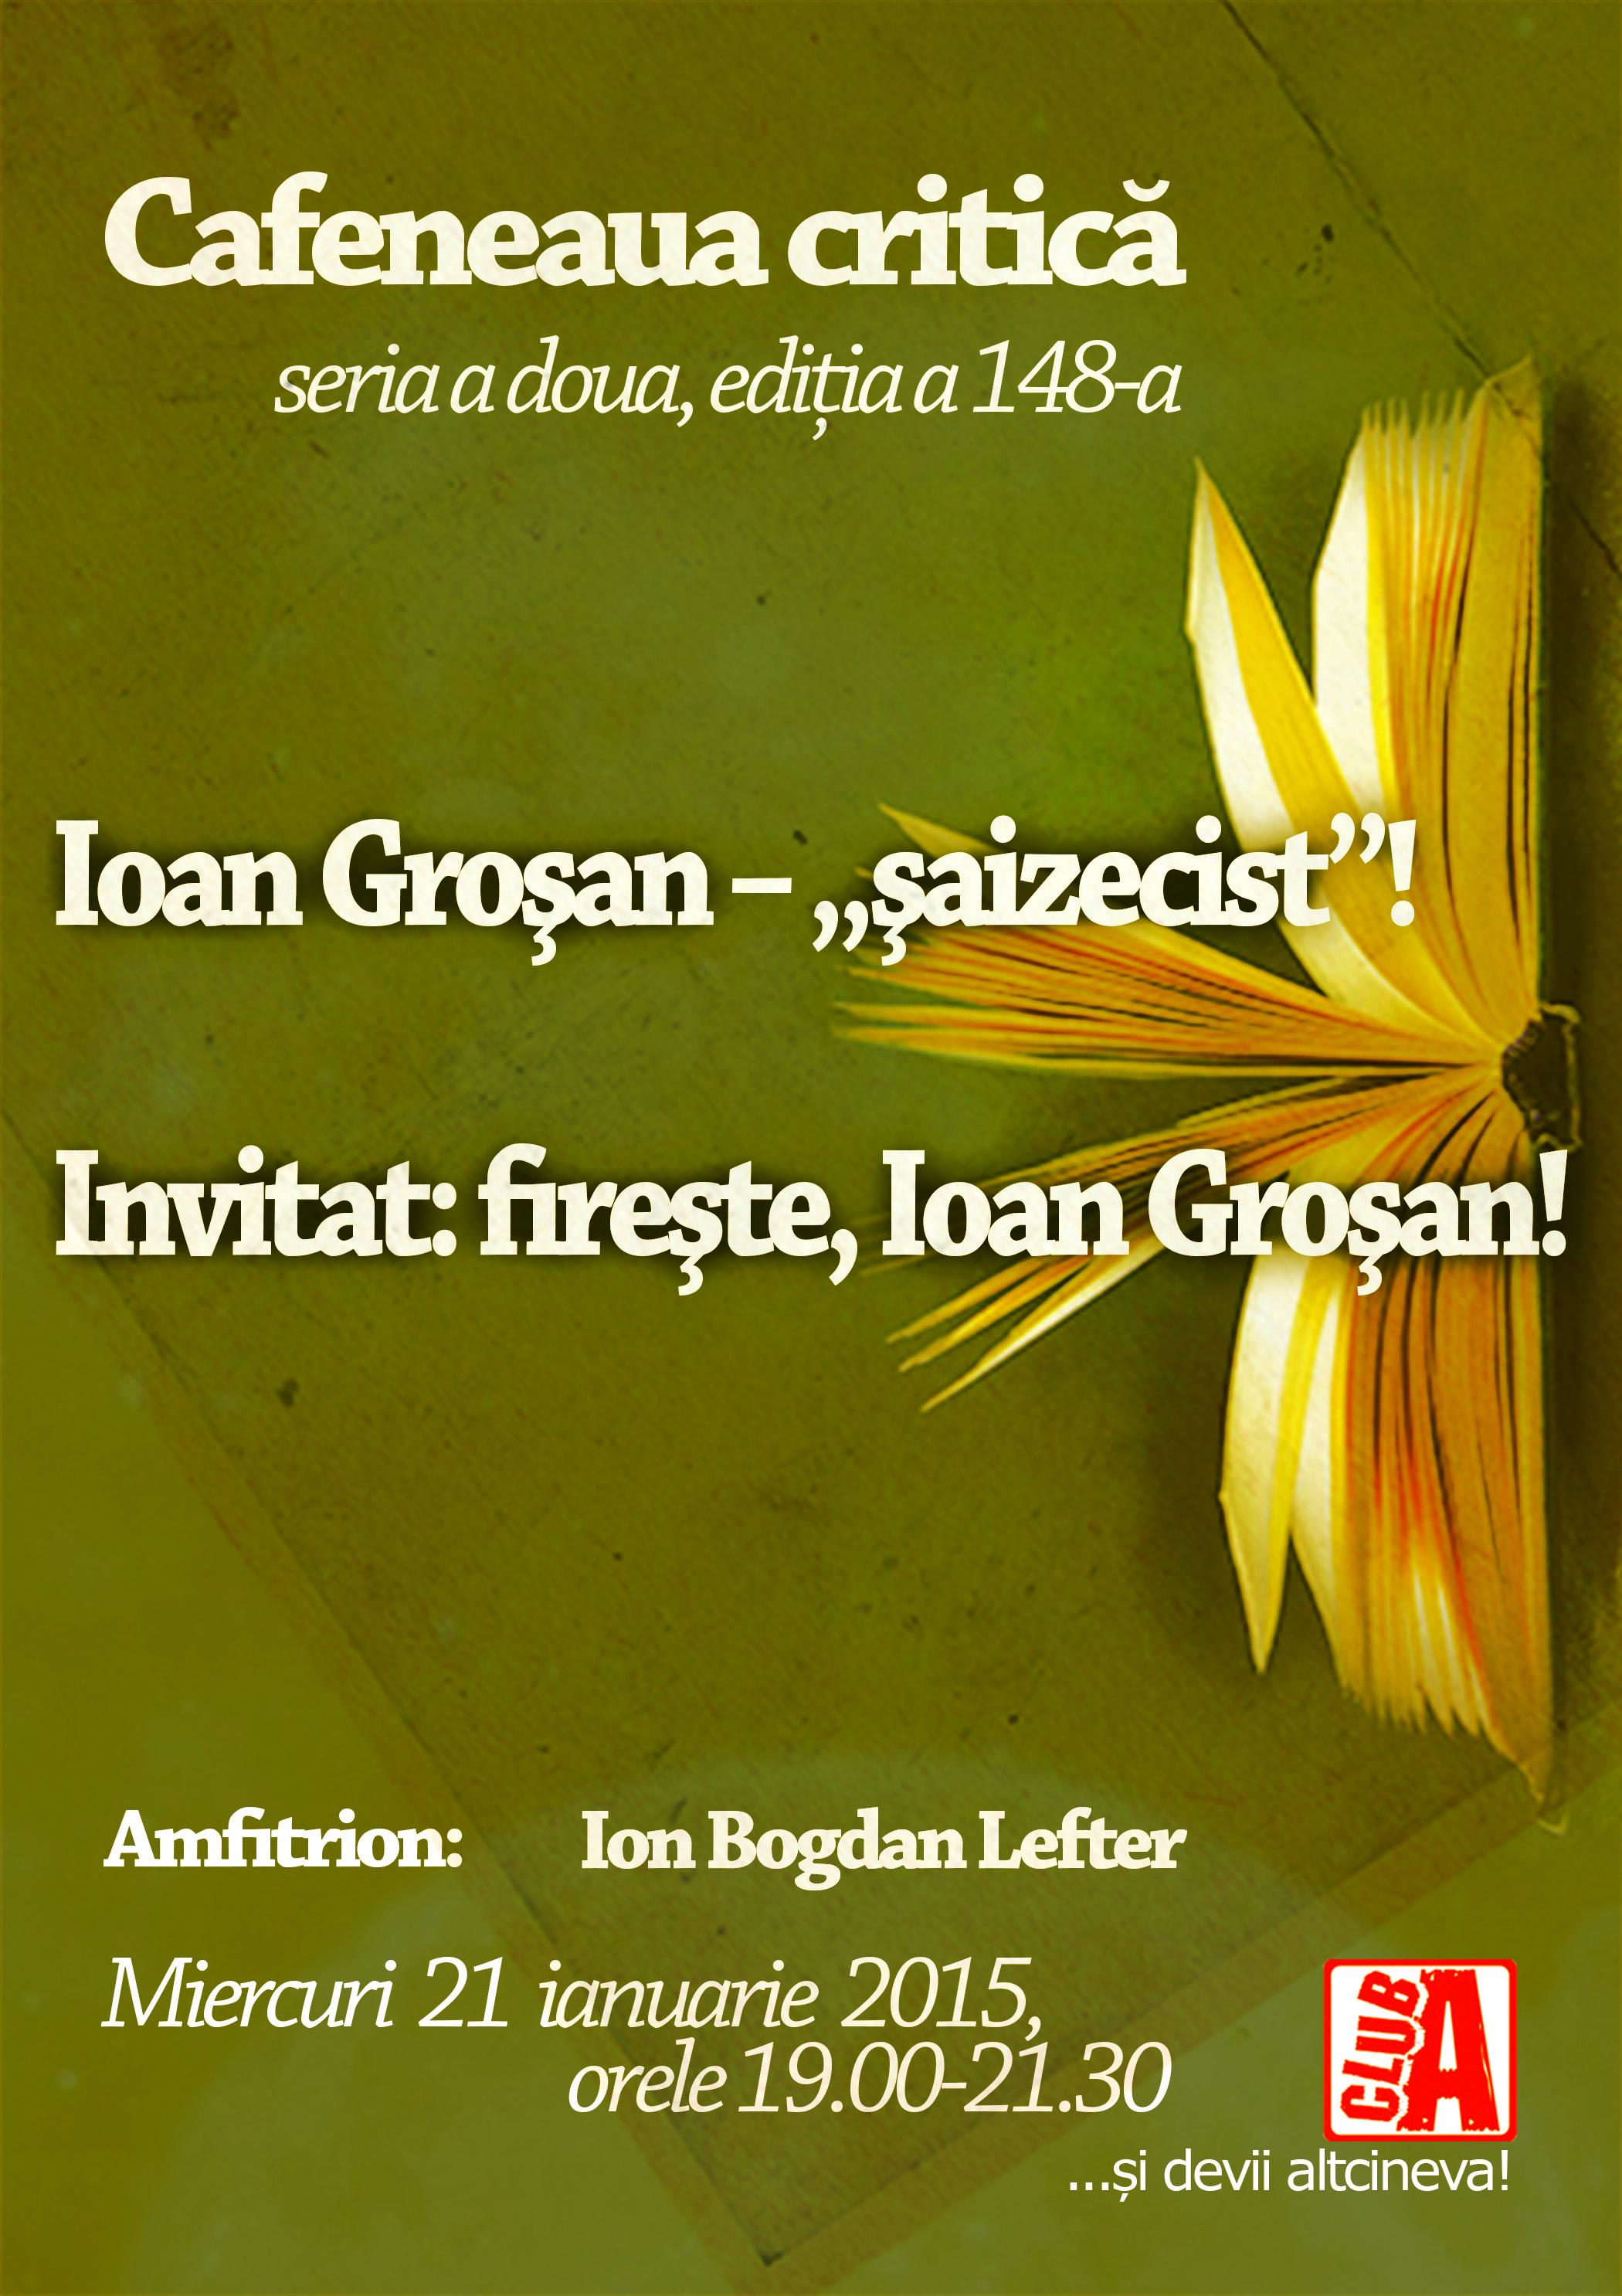 """Ioan Groşan – """"şaizecist""""! @ Cafeneaua critică"""